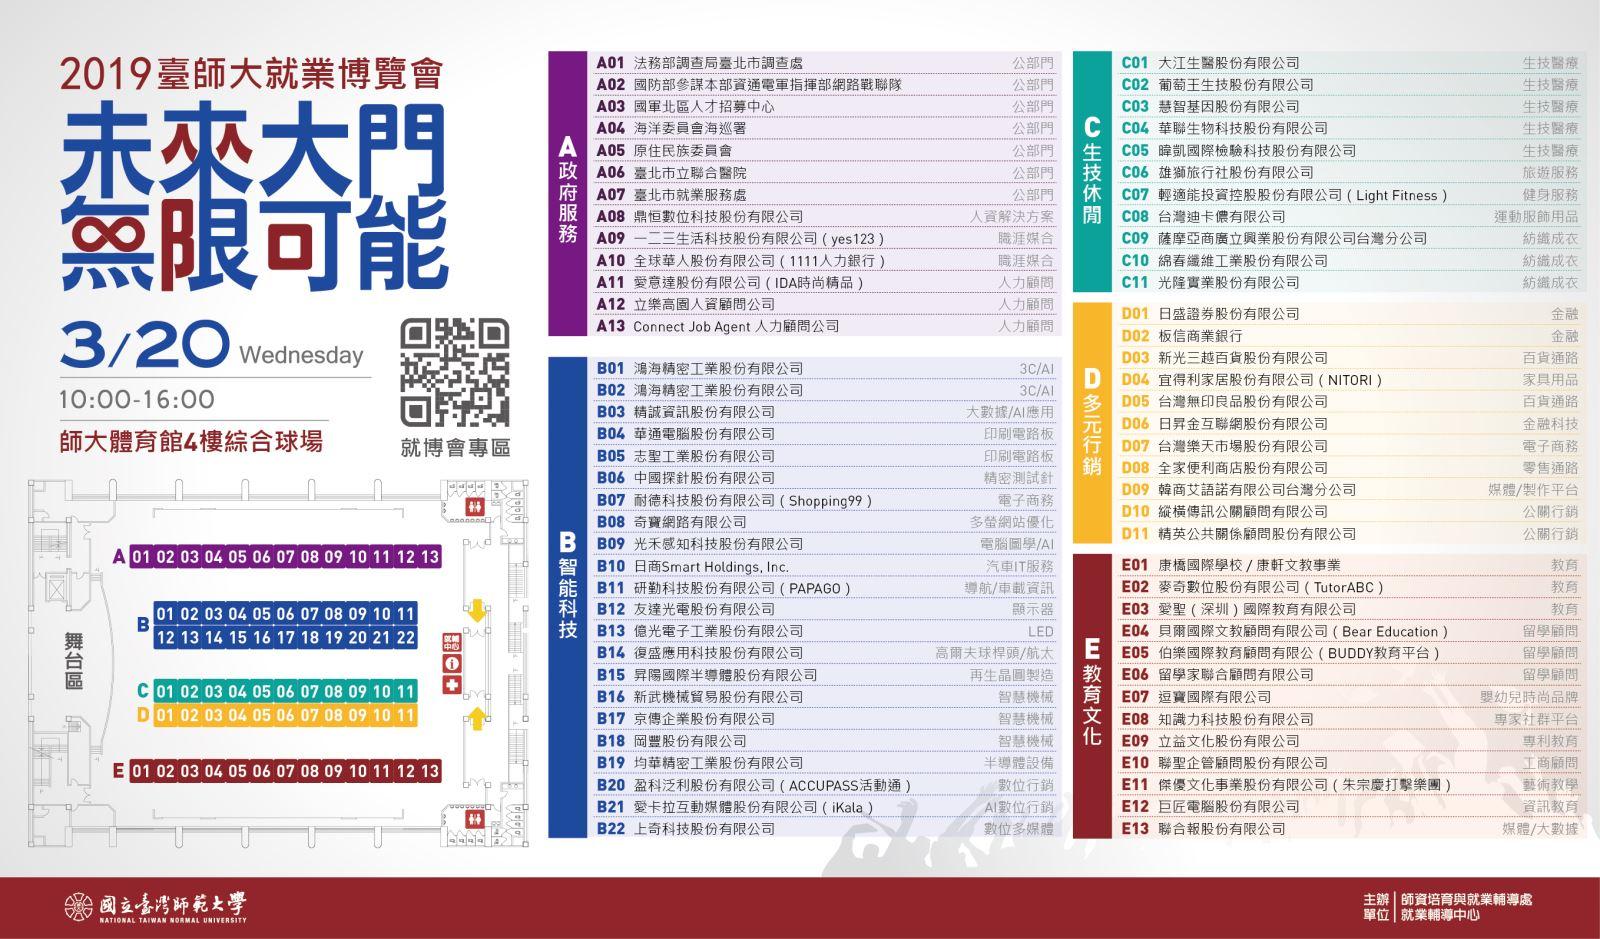 【2019校徵】臺師大校園徵才博覽會-2019校園徵才